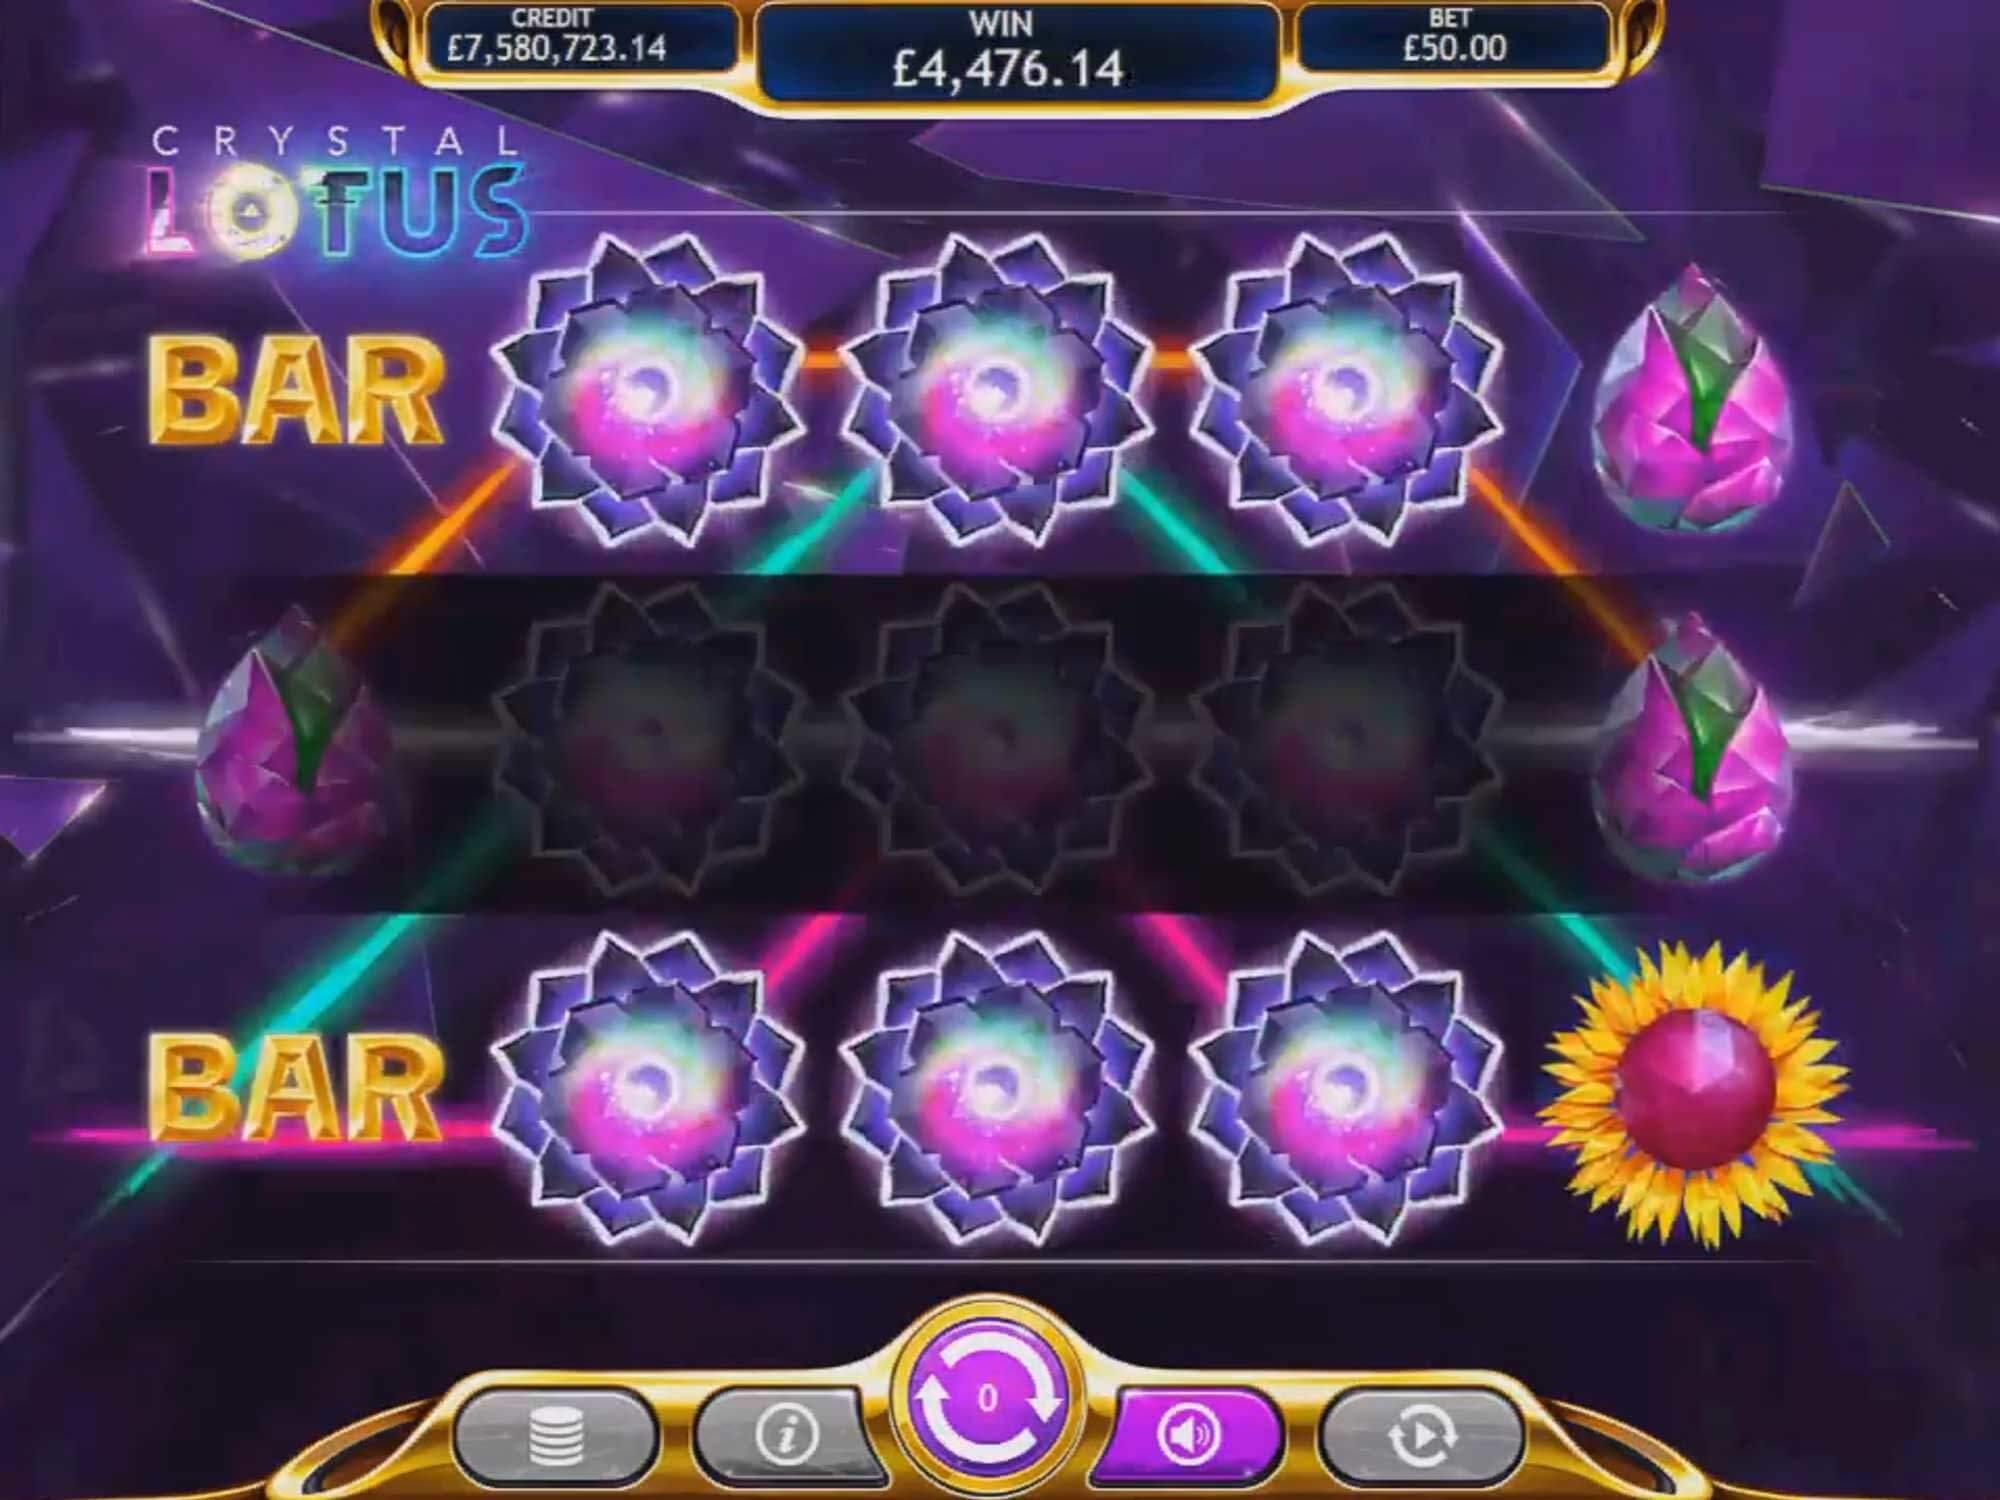 Crystal Lotus Slot Bonus